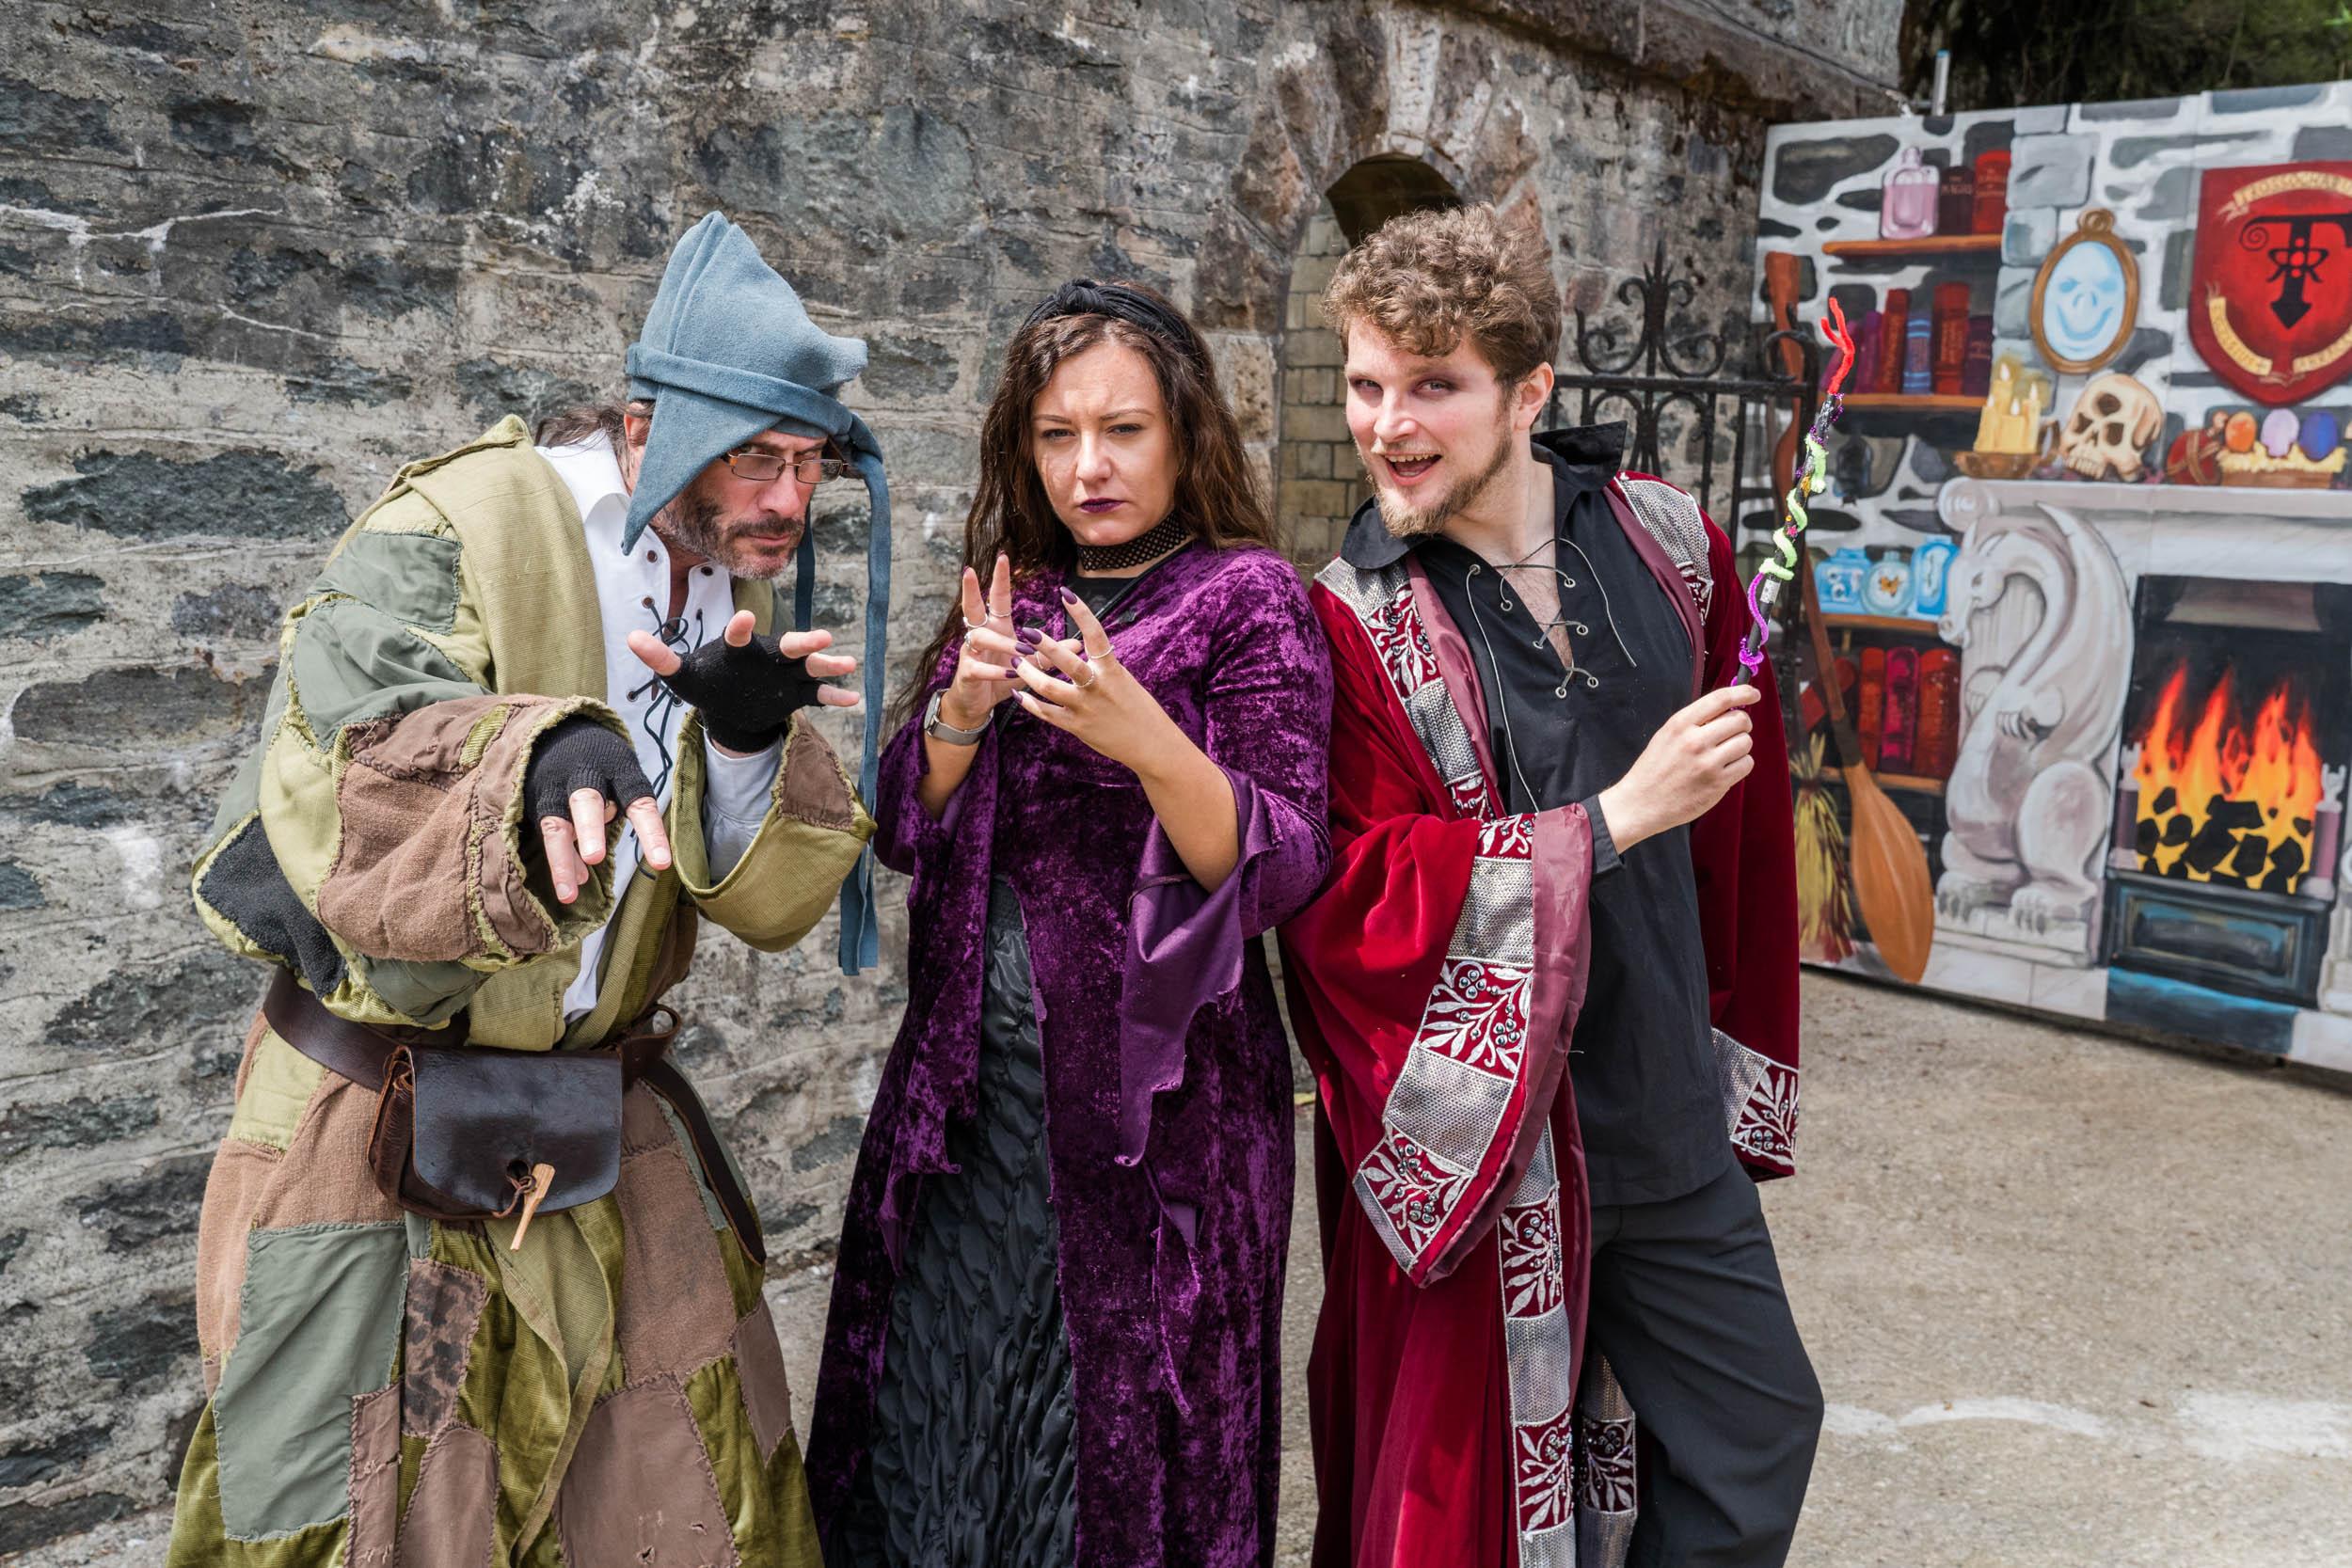 Witches-Wizards-Event-Loch-Katrine-06443.jpg